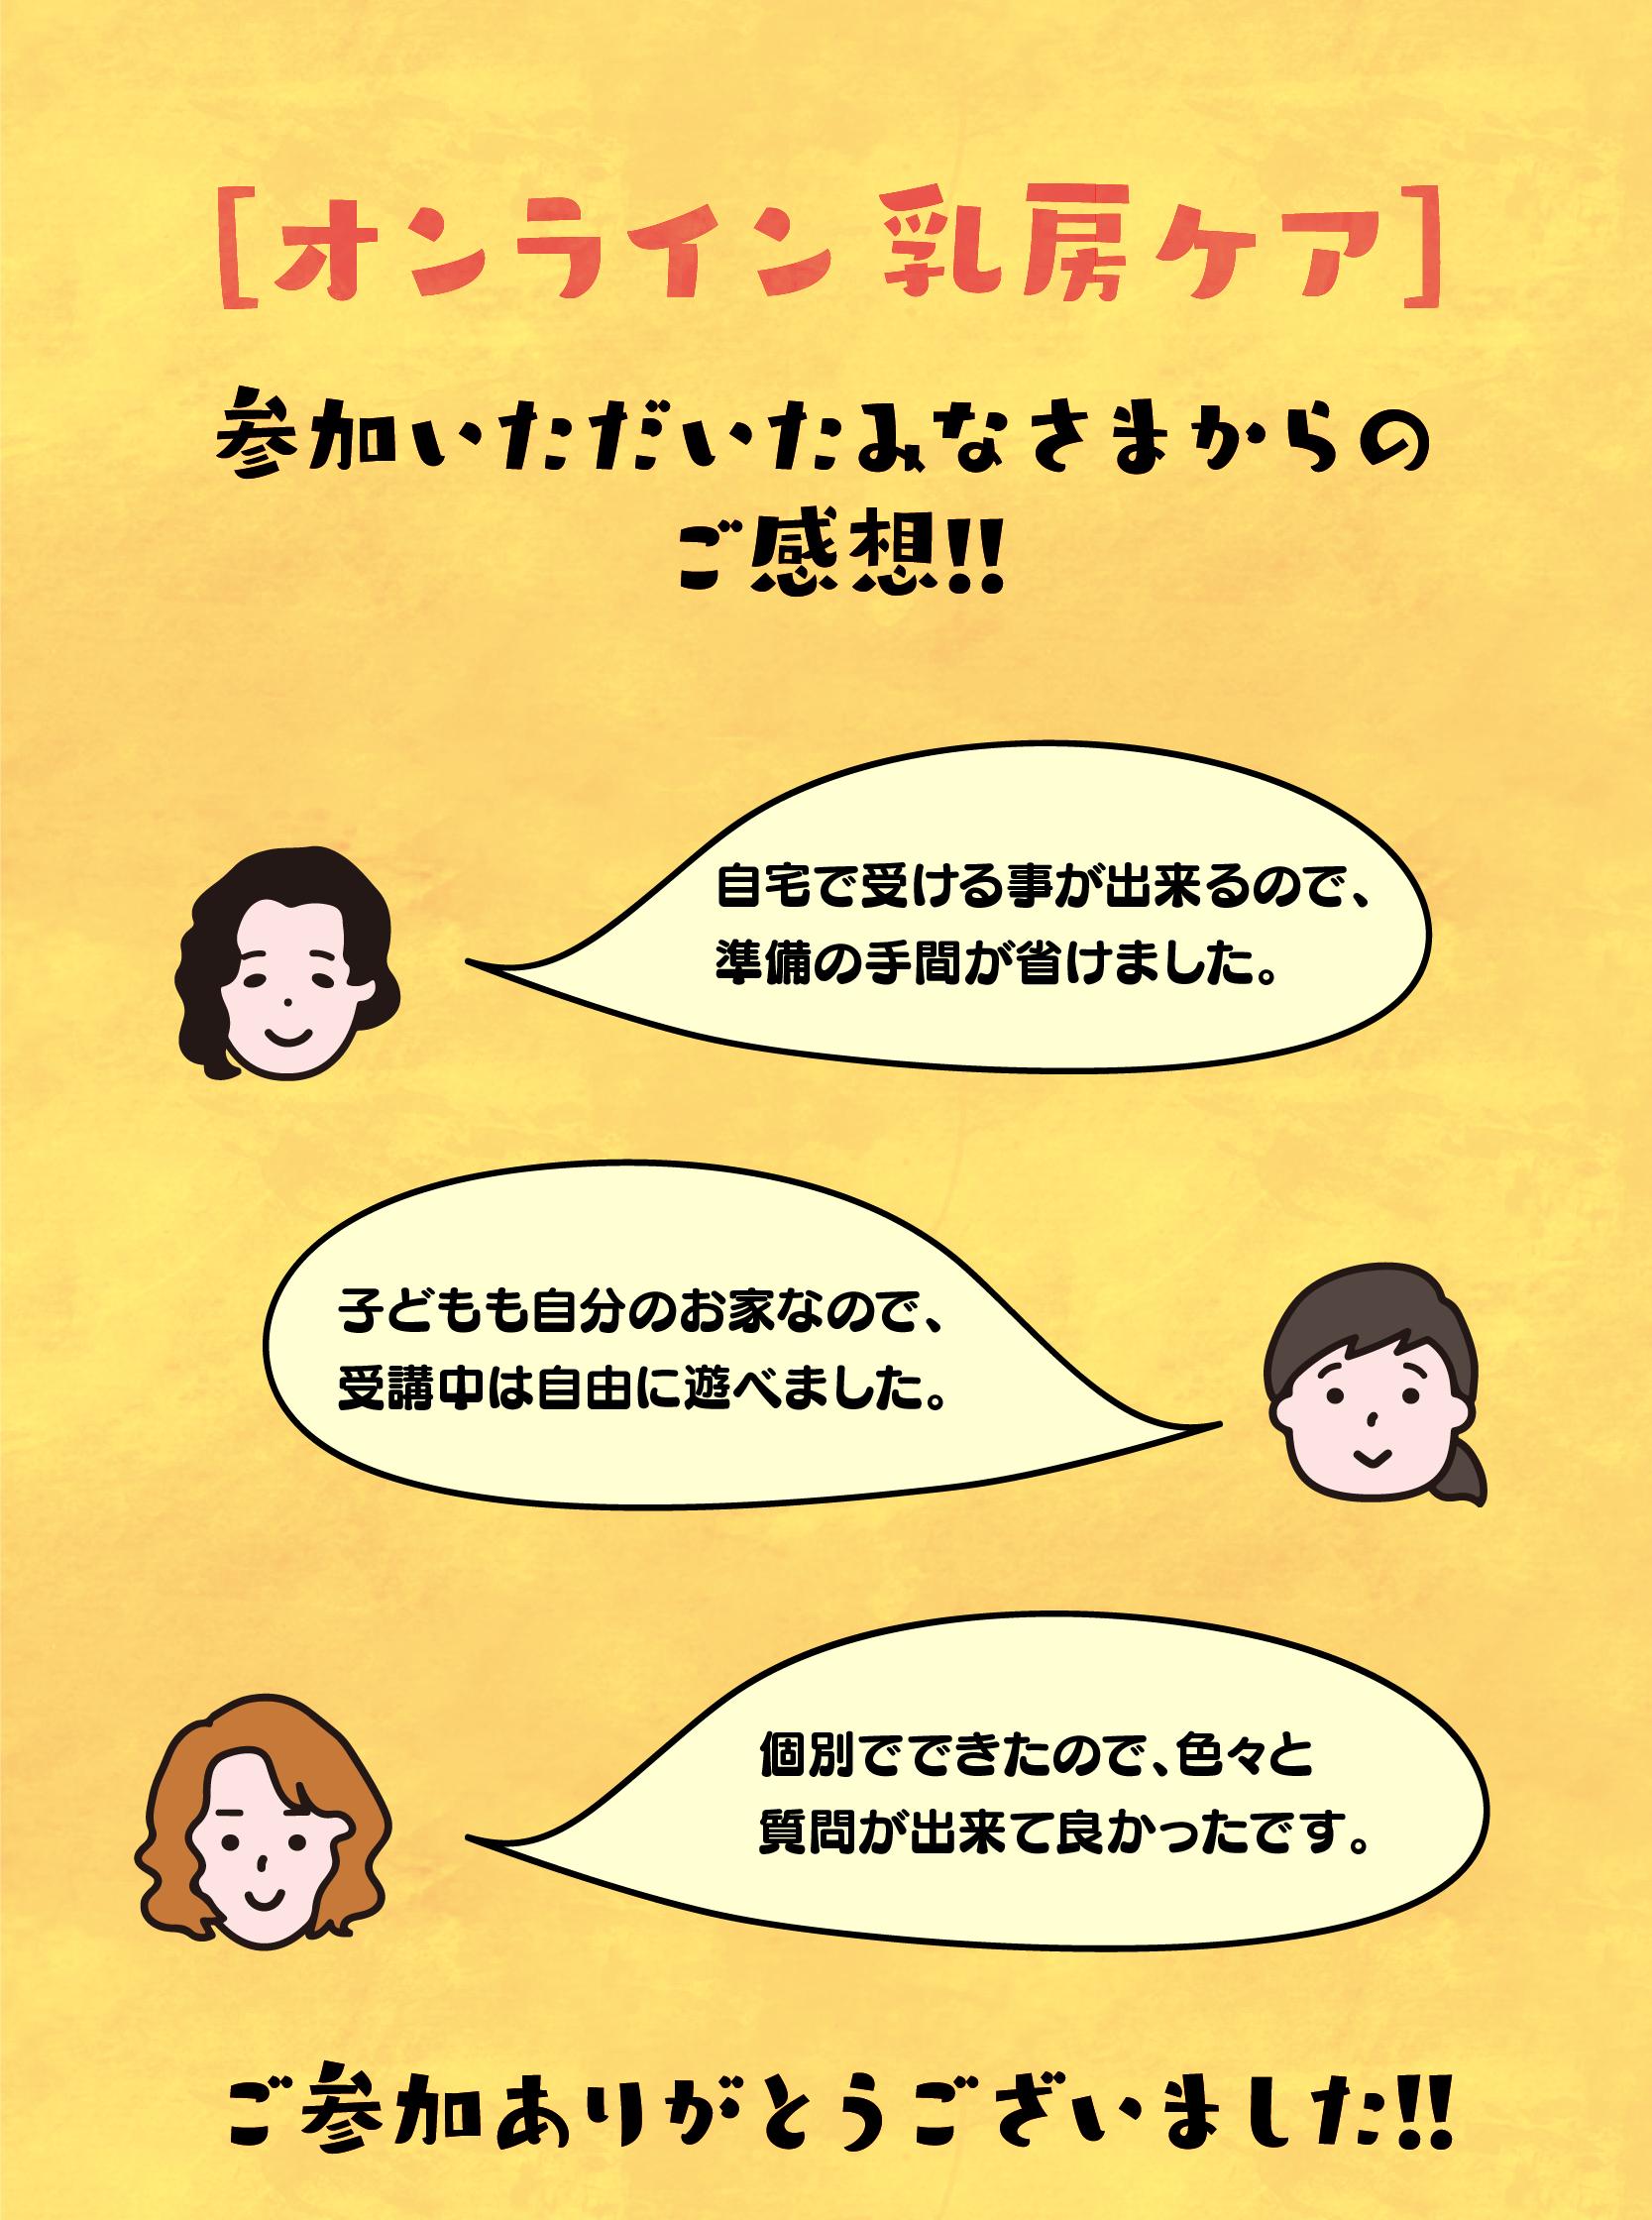 感想_アートボード 1.png